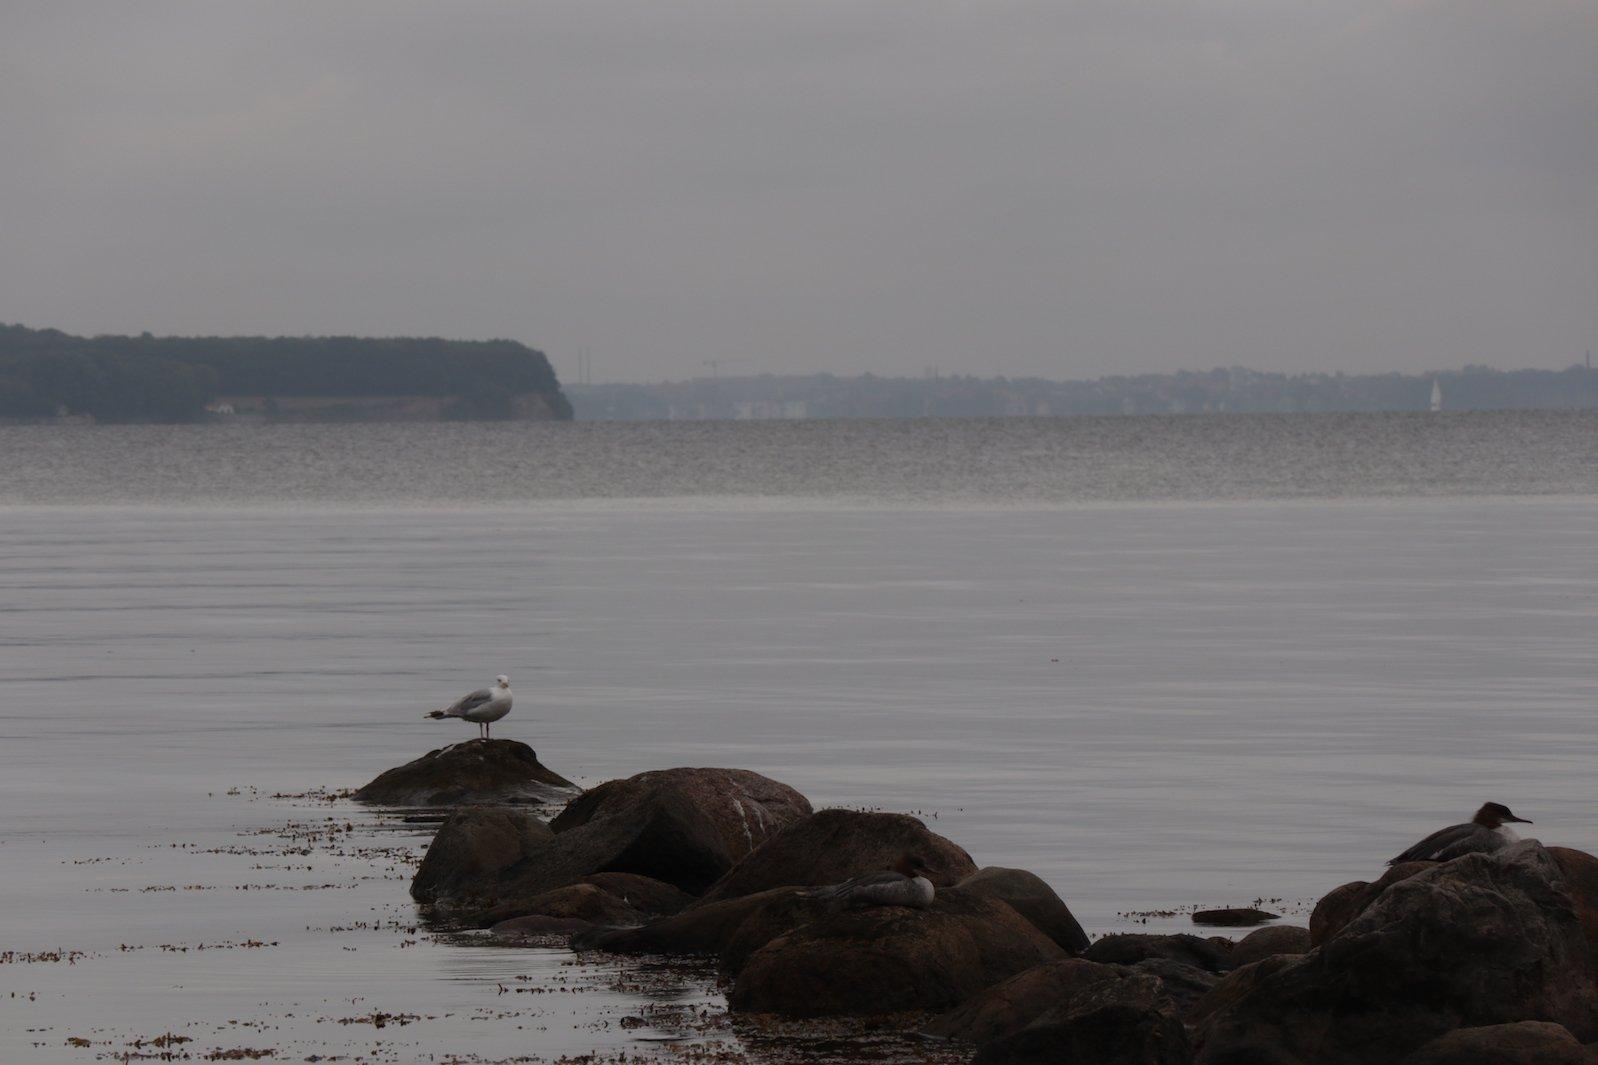 Eine Möwe auf dem letzten Stück Festland vor Dänemark (zumindest in Blickrichtung) ;)